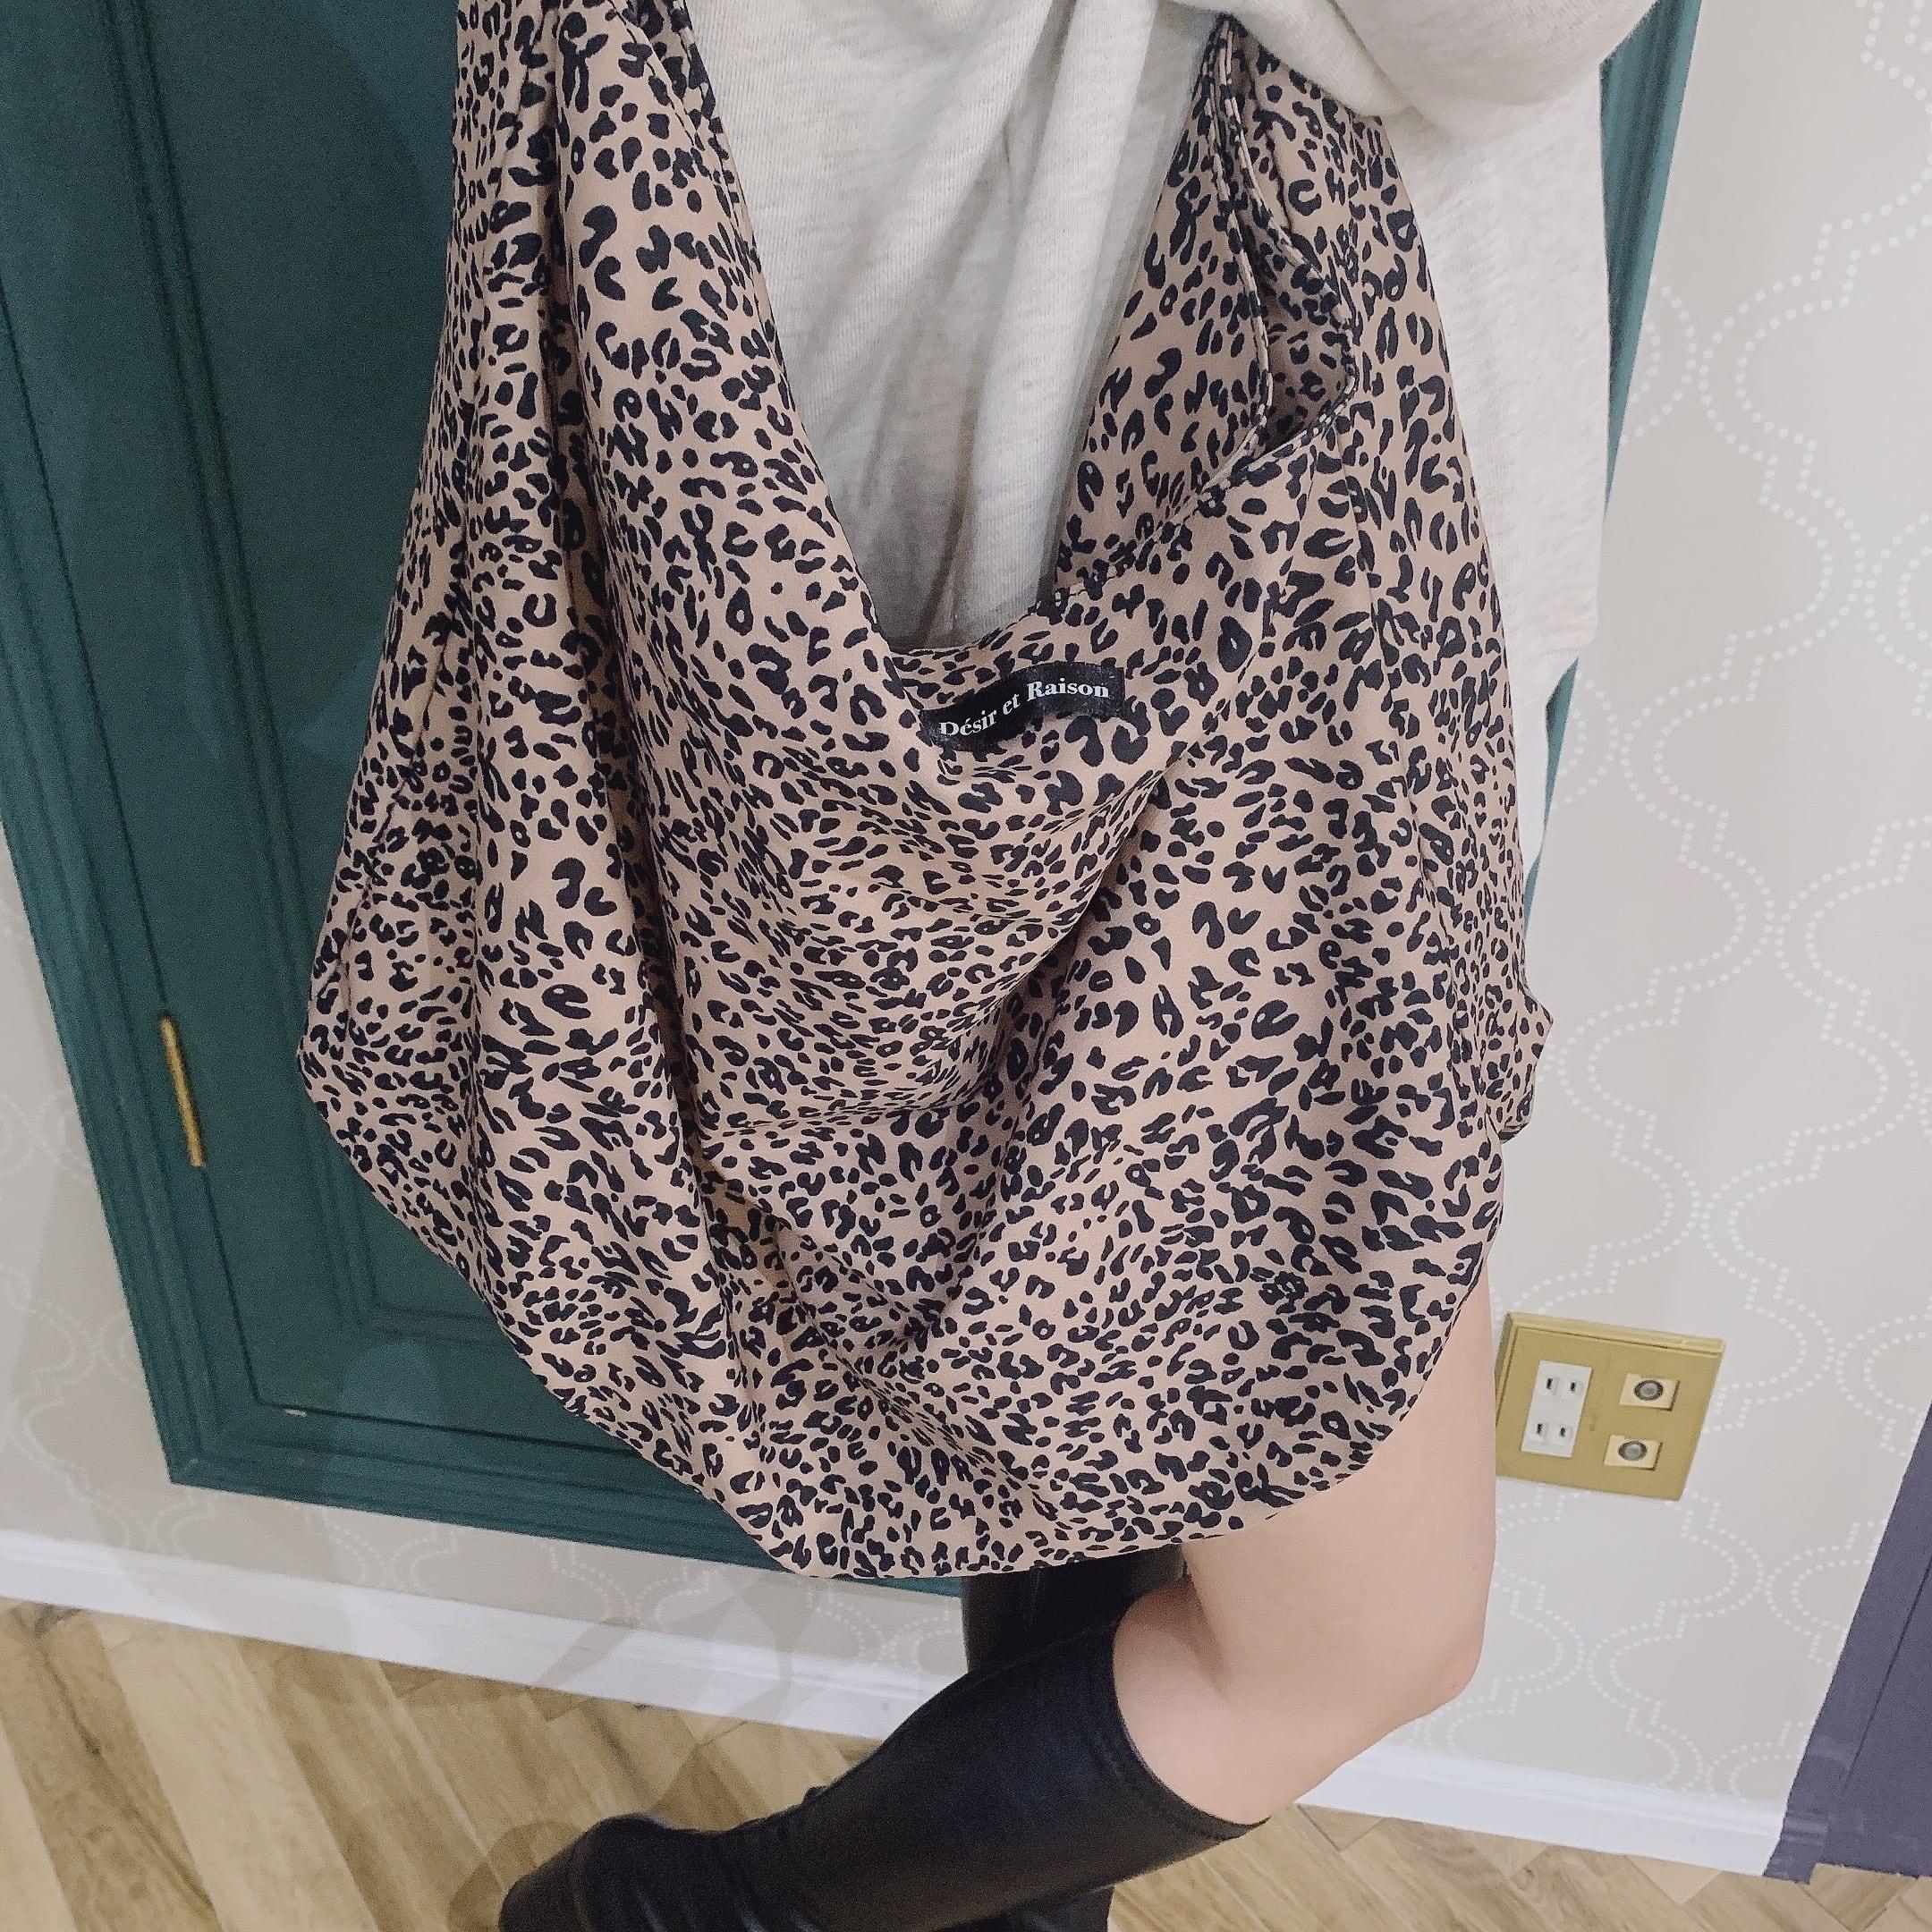 【予約】Désir original leopard bag